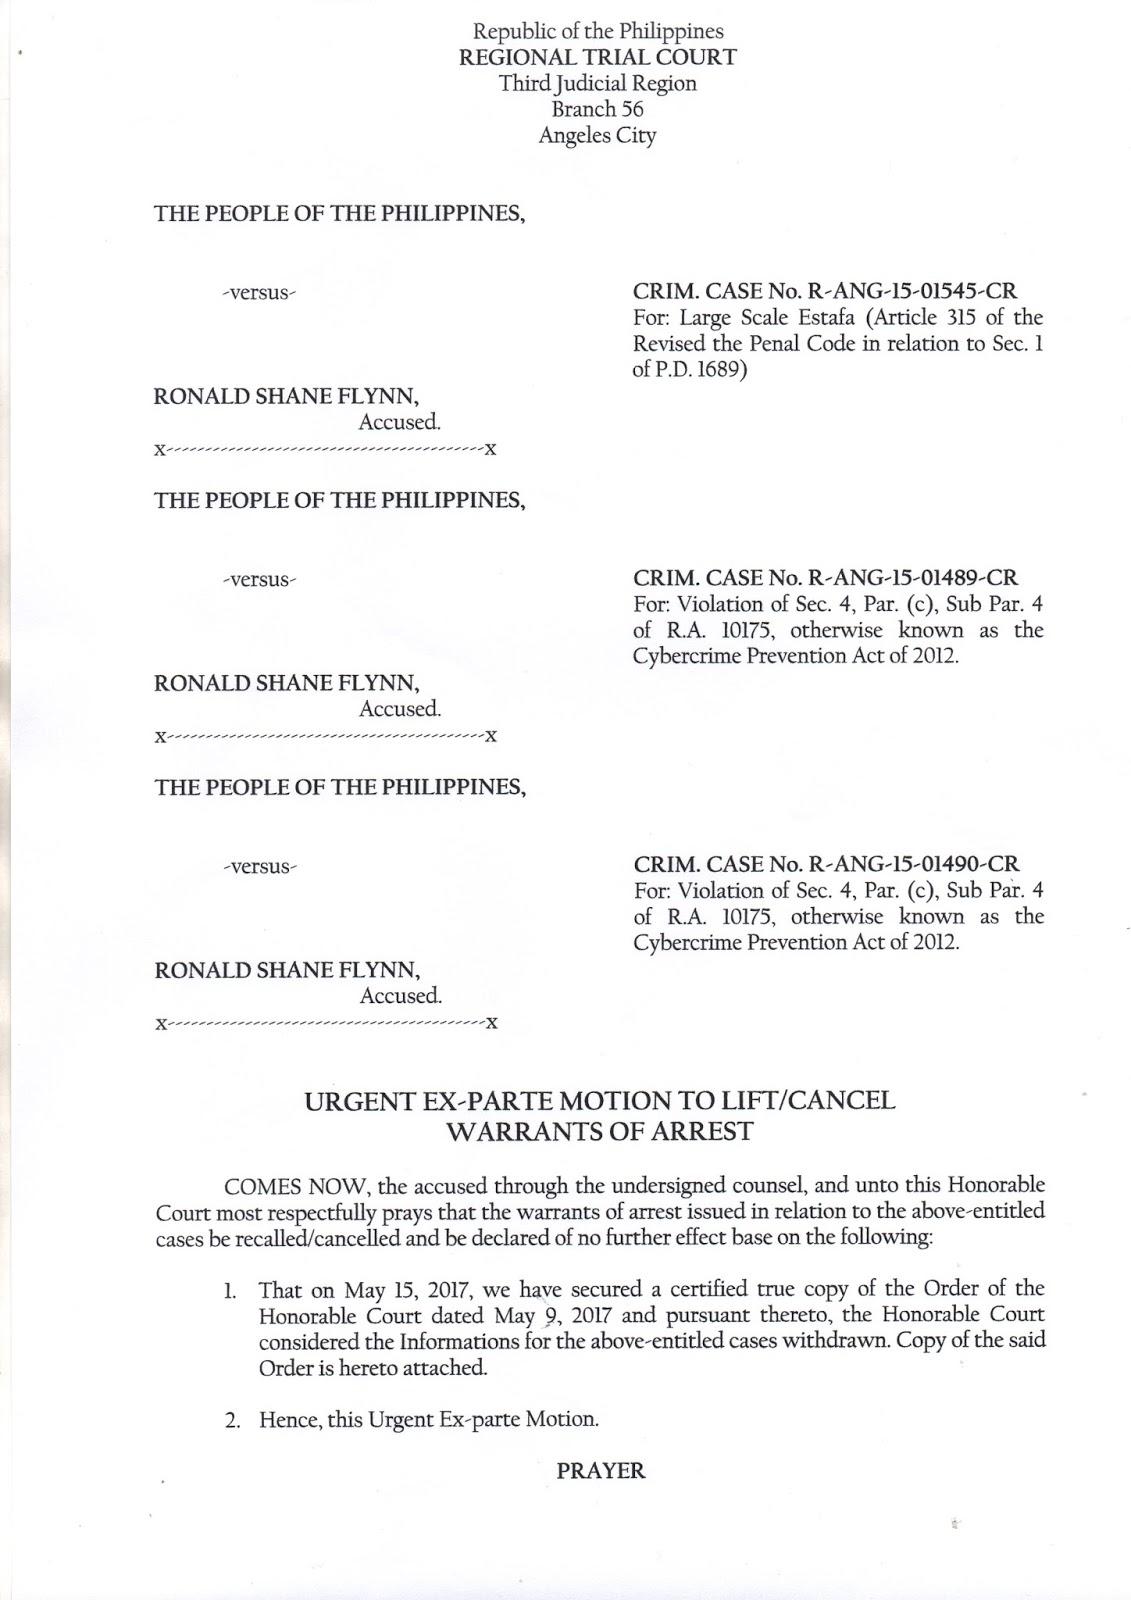 NOT GUILTY! Estafa Case VS Ronald Shane Flynn Dismissed